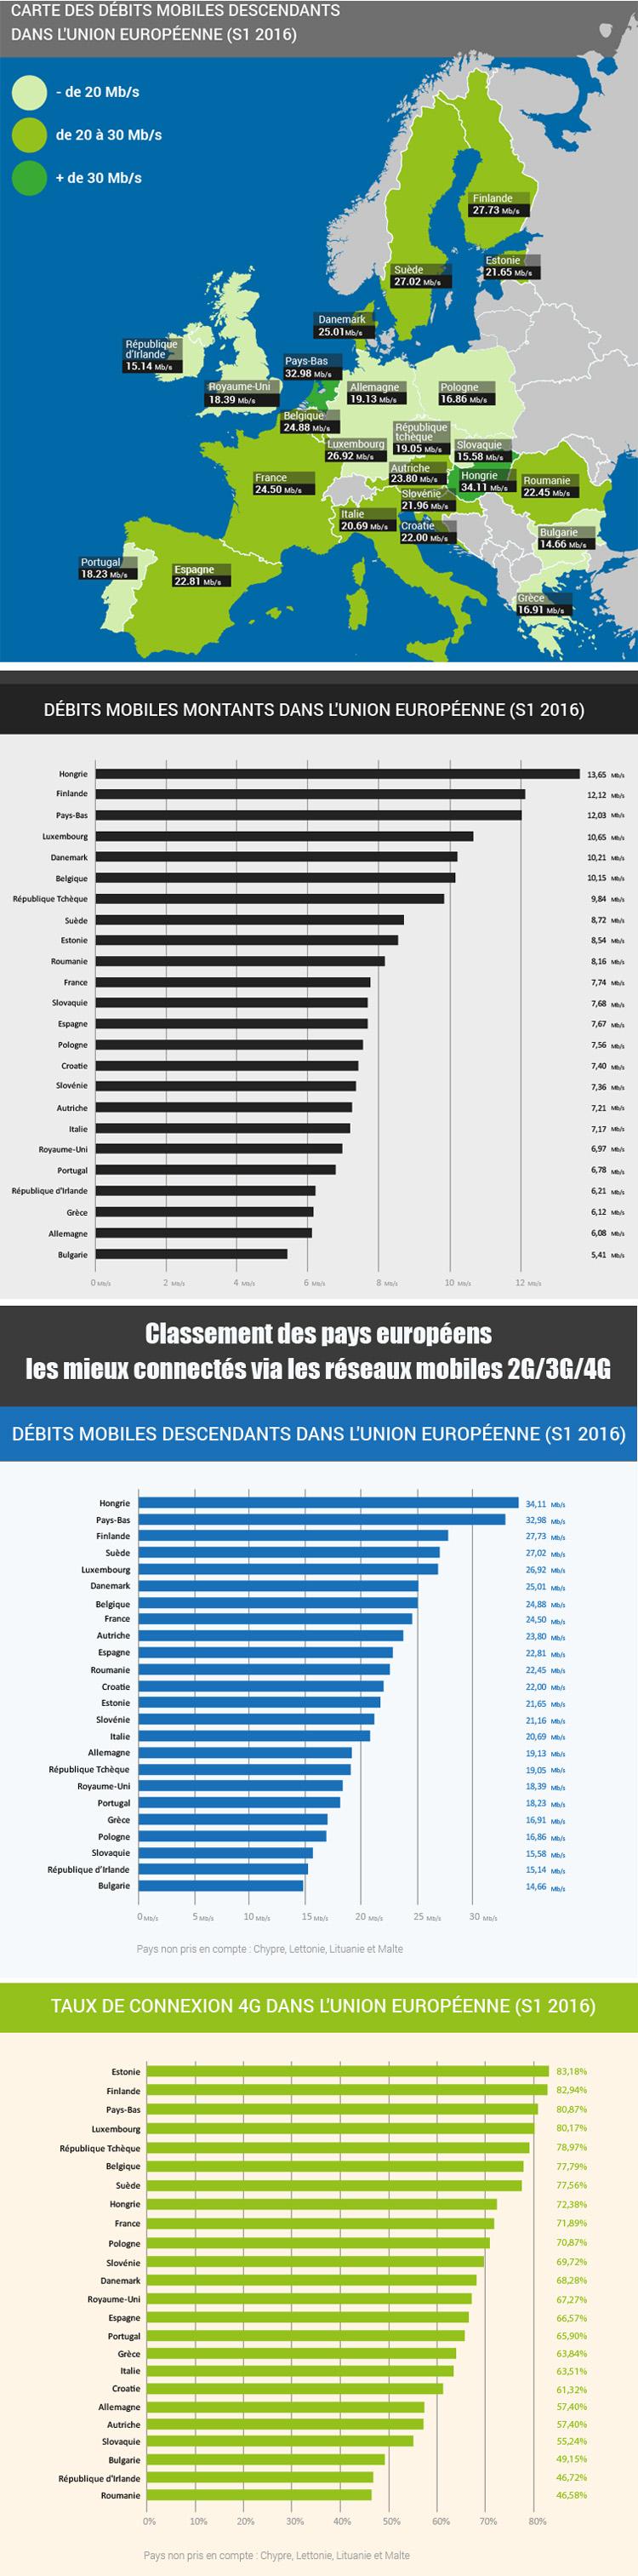 Quel est le classement des pays européens les mieux connectés sur les réseaux mobiles ?